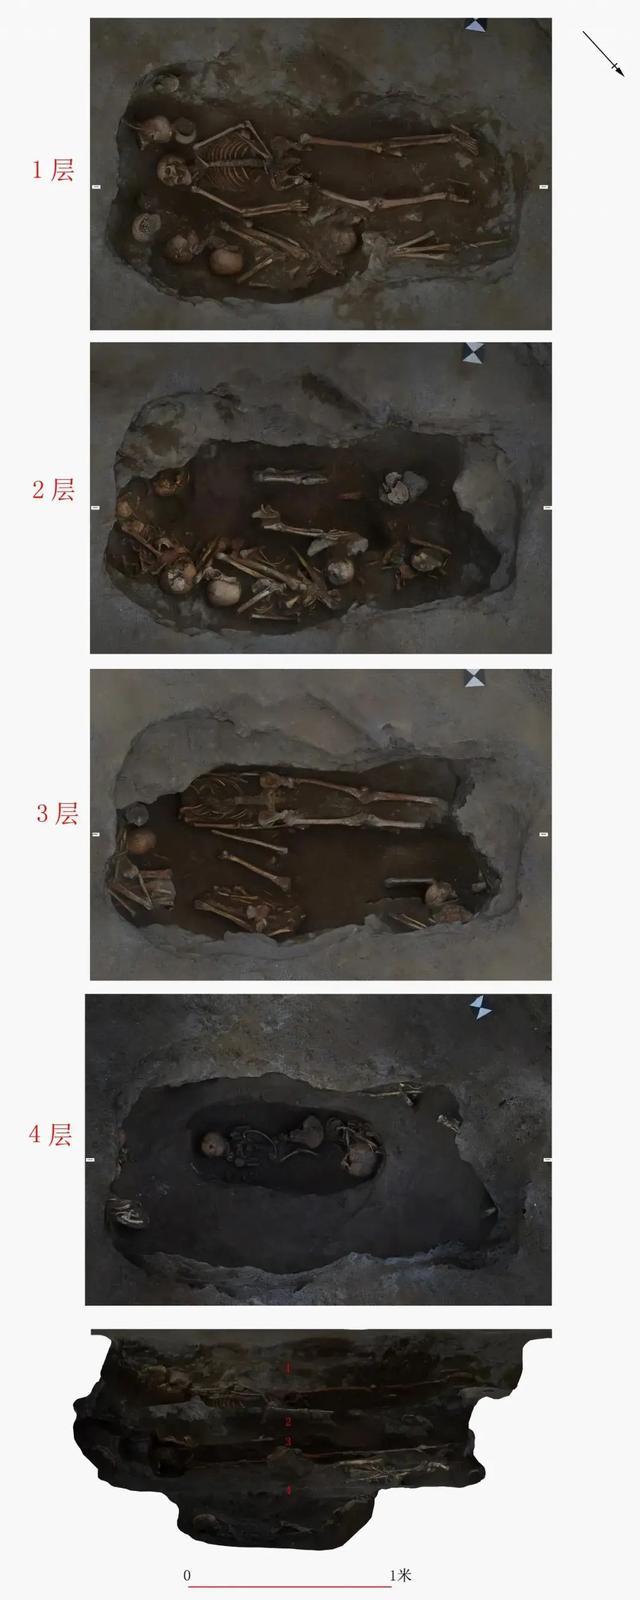 12号墓葬的分层埋葬